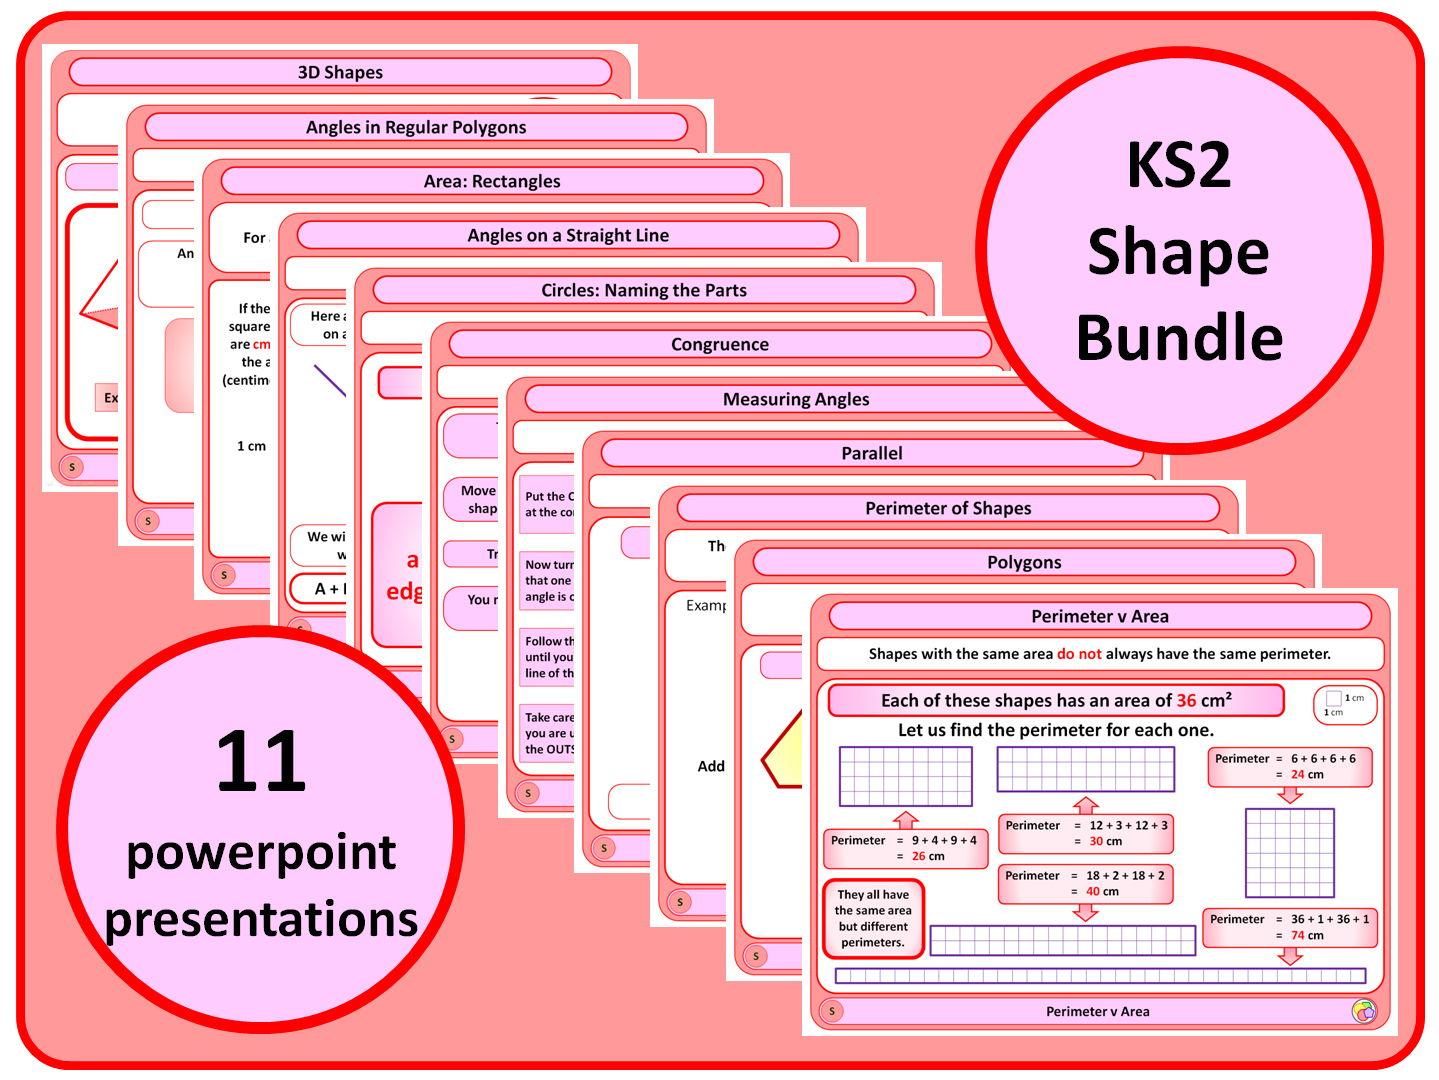 Ks2 Shape Bundle